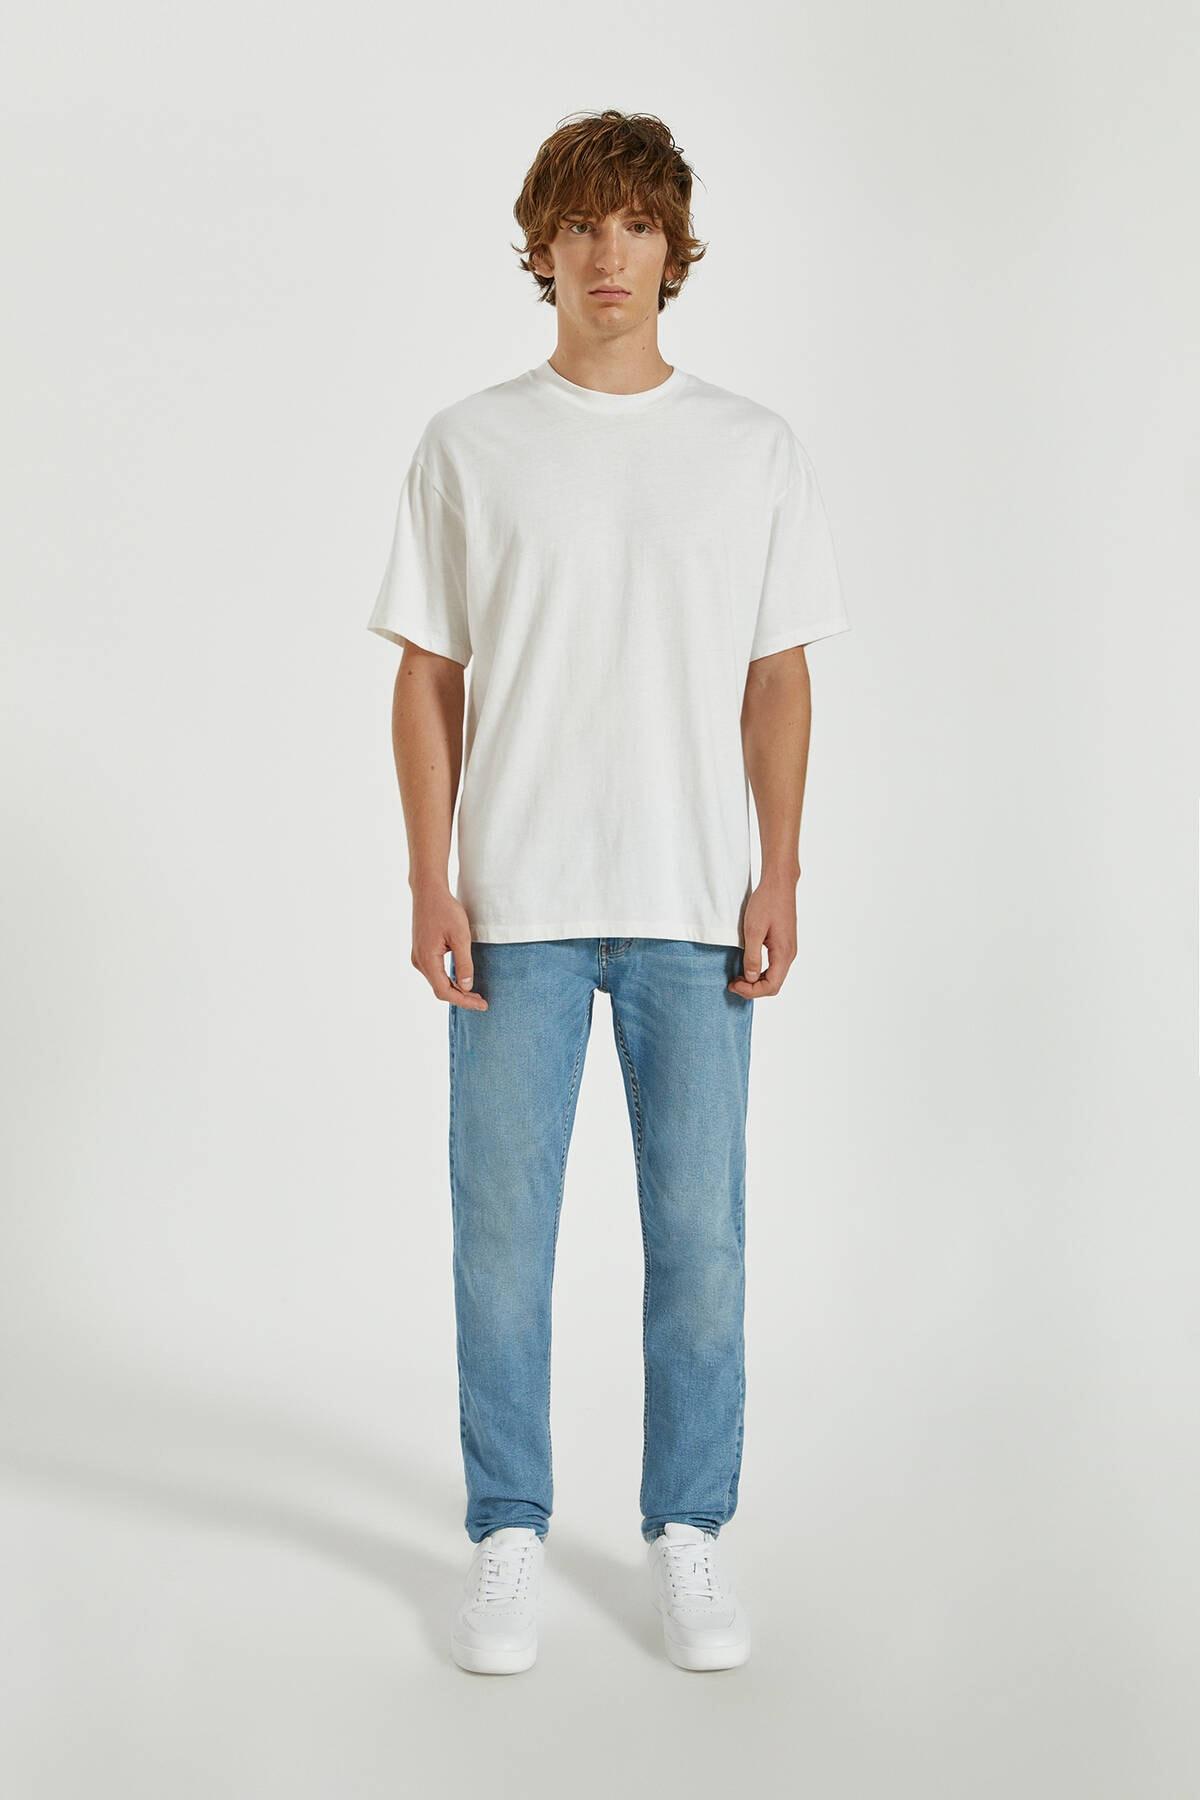 Pull & Bear Erkek Mavi Basic Slim Fit Jean 09683503